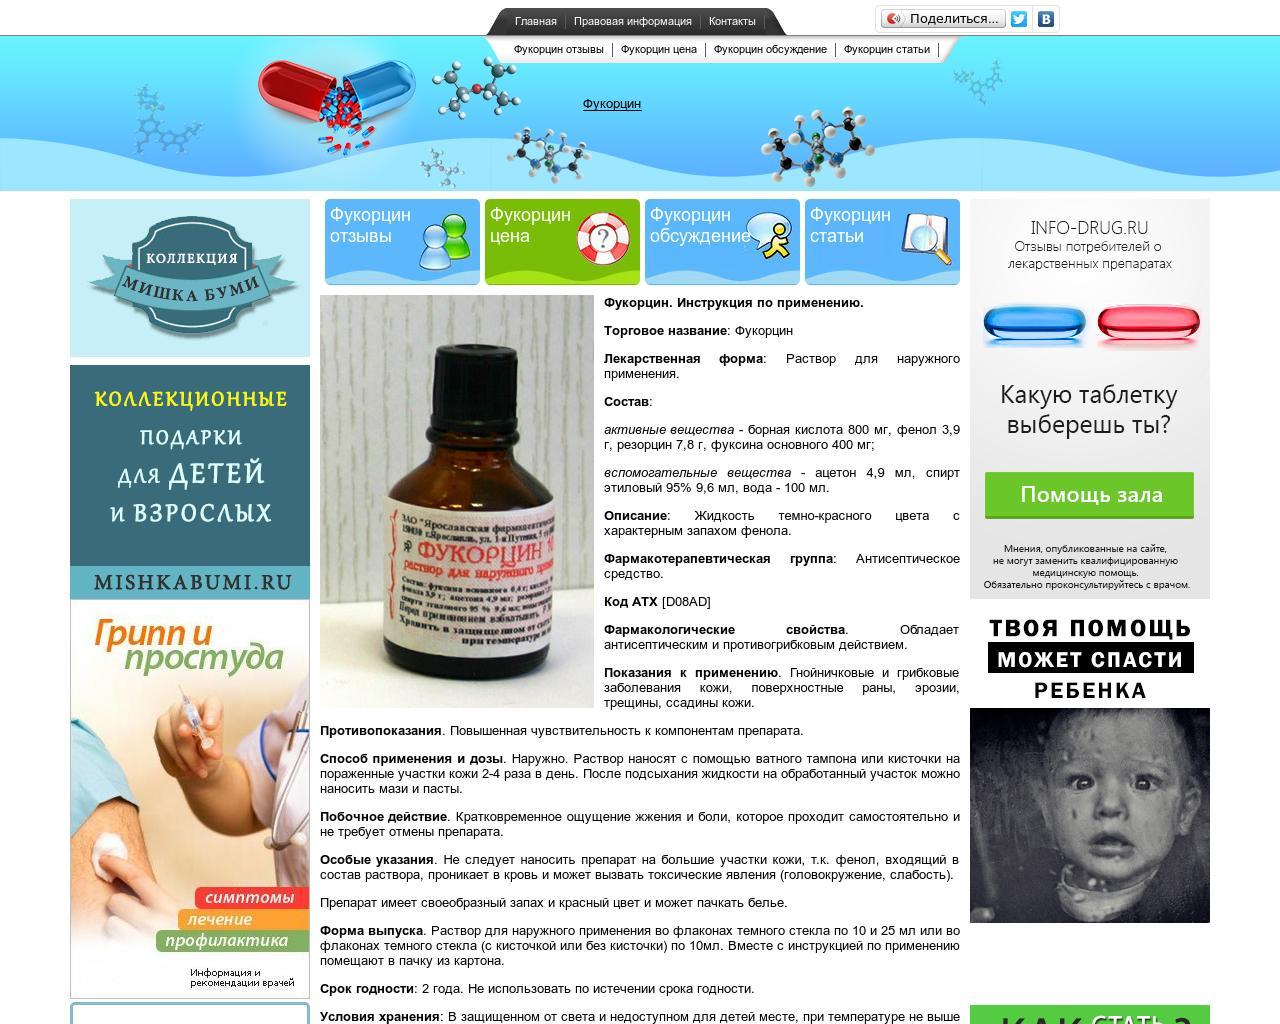 Можно ли новорожденным применять фукорцин при - до родов